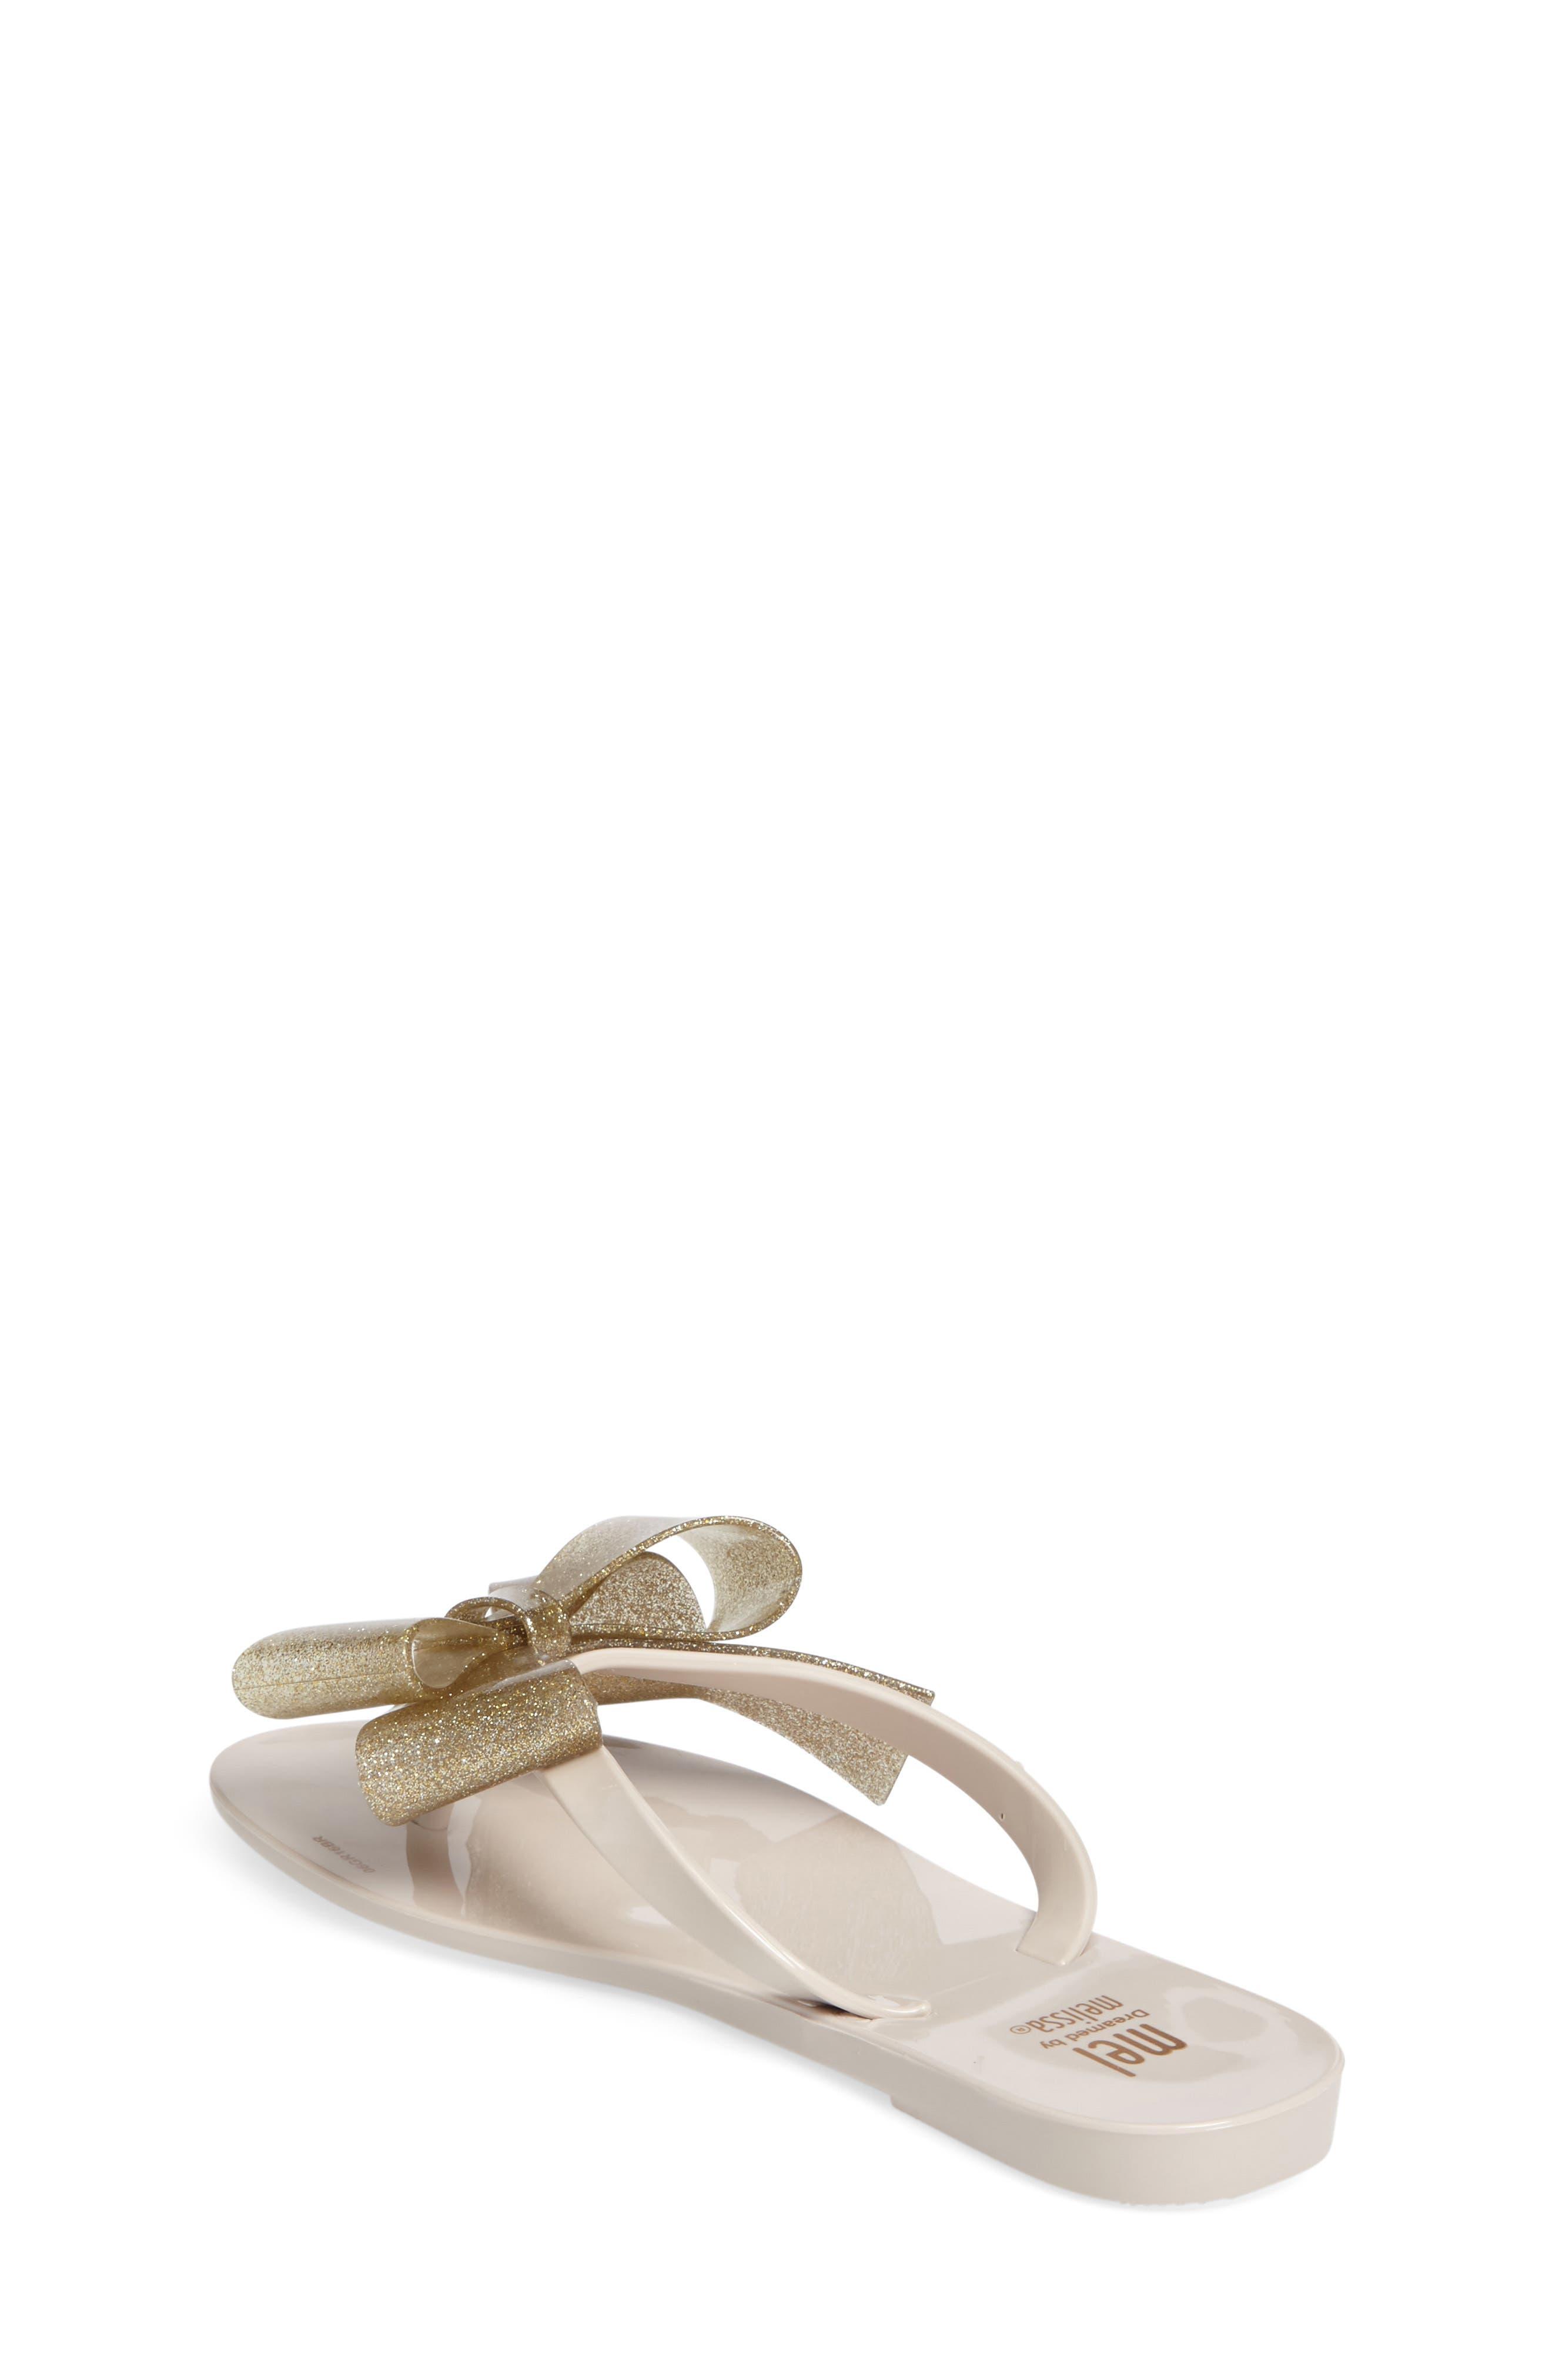 Harmonic Bow III Sandal,                             Alternate thumbnail 2, color,                             Beige Gold Glitter